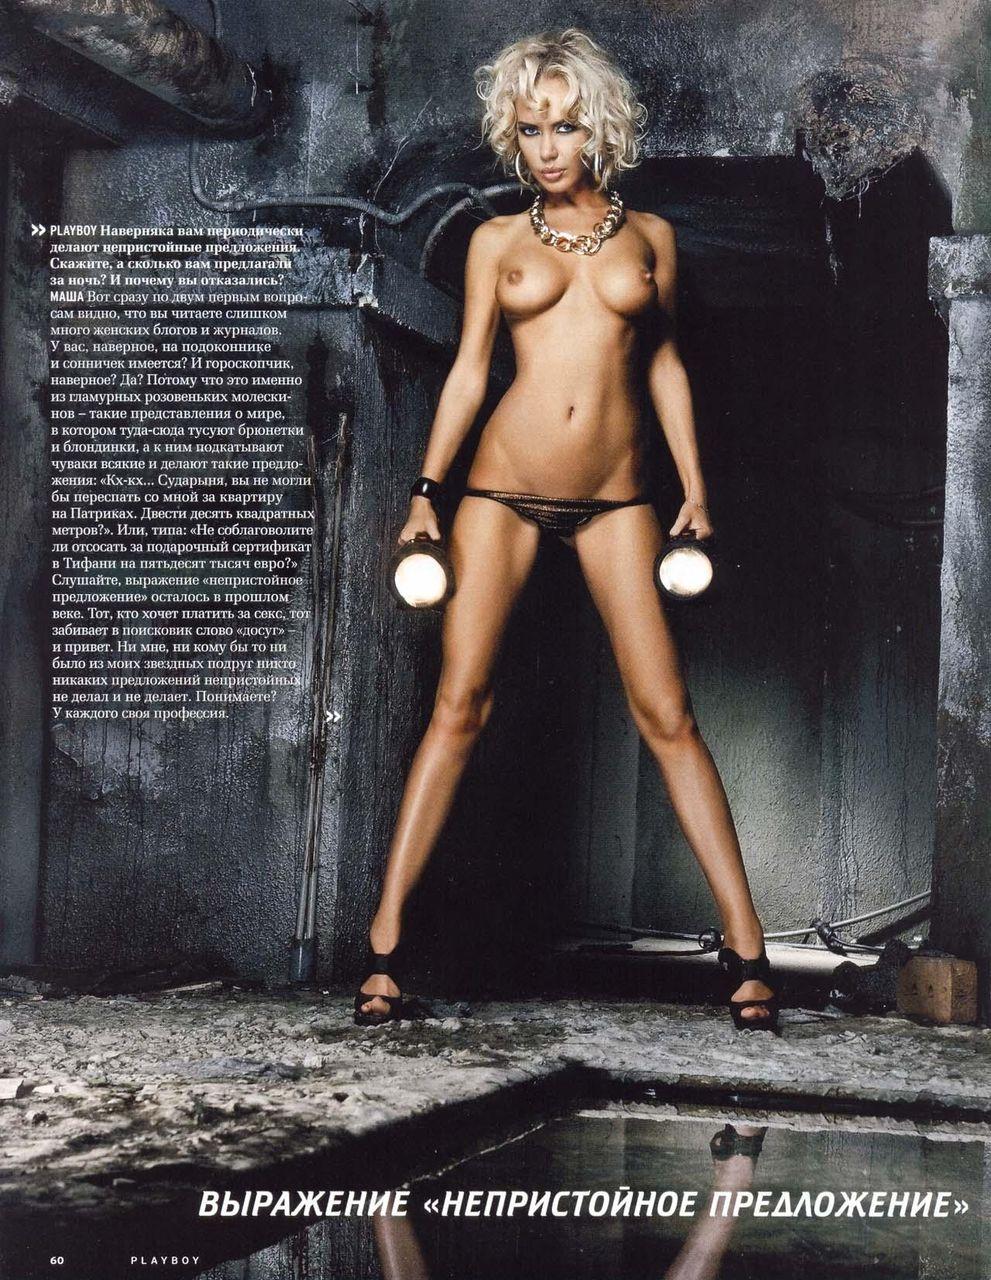 Фото из эротических журналов 25 фотография